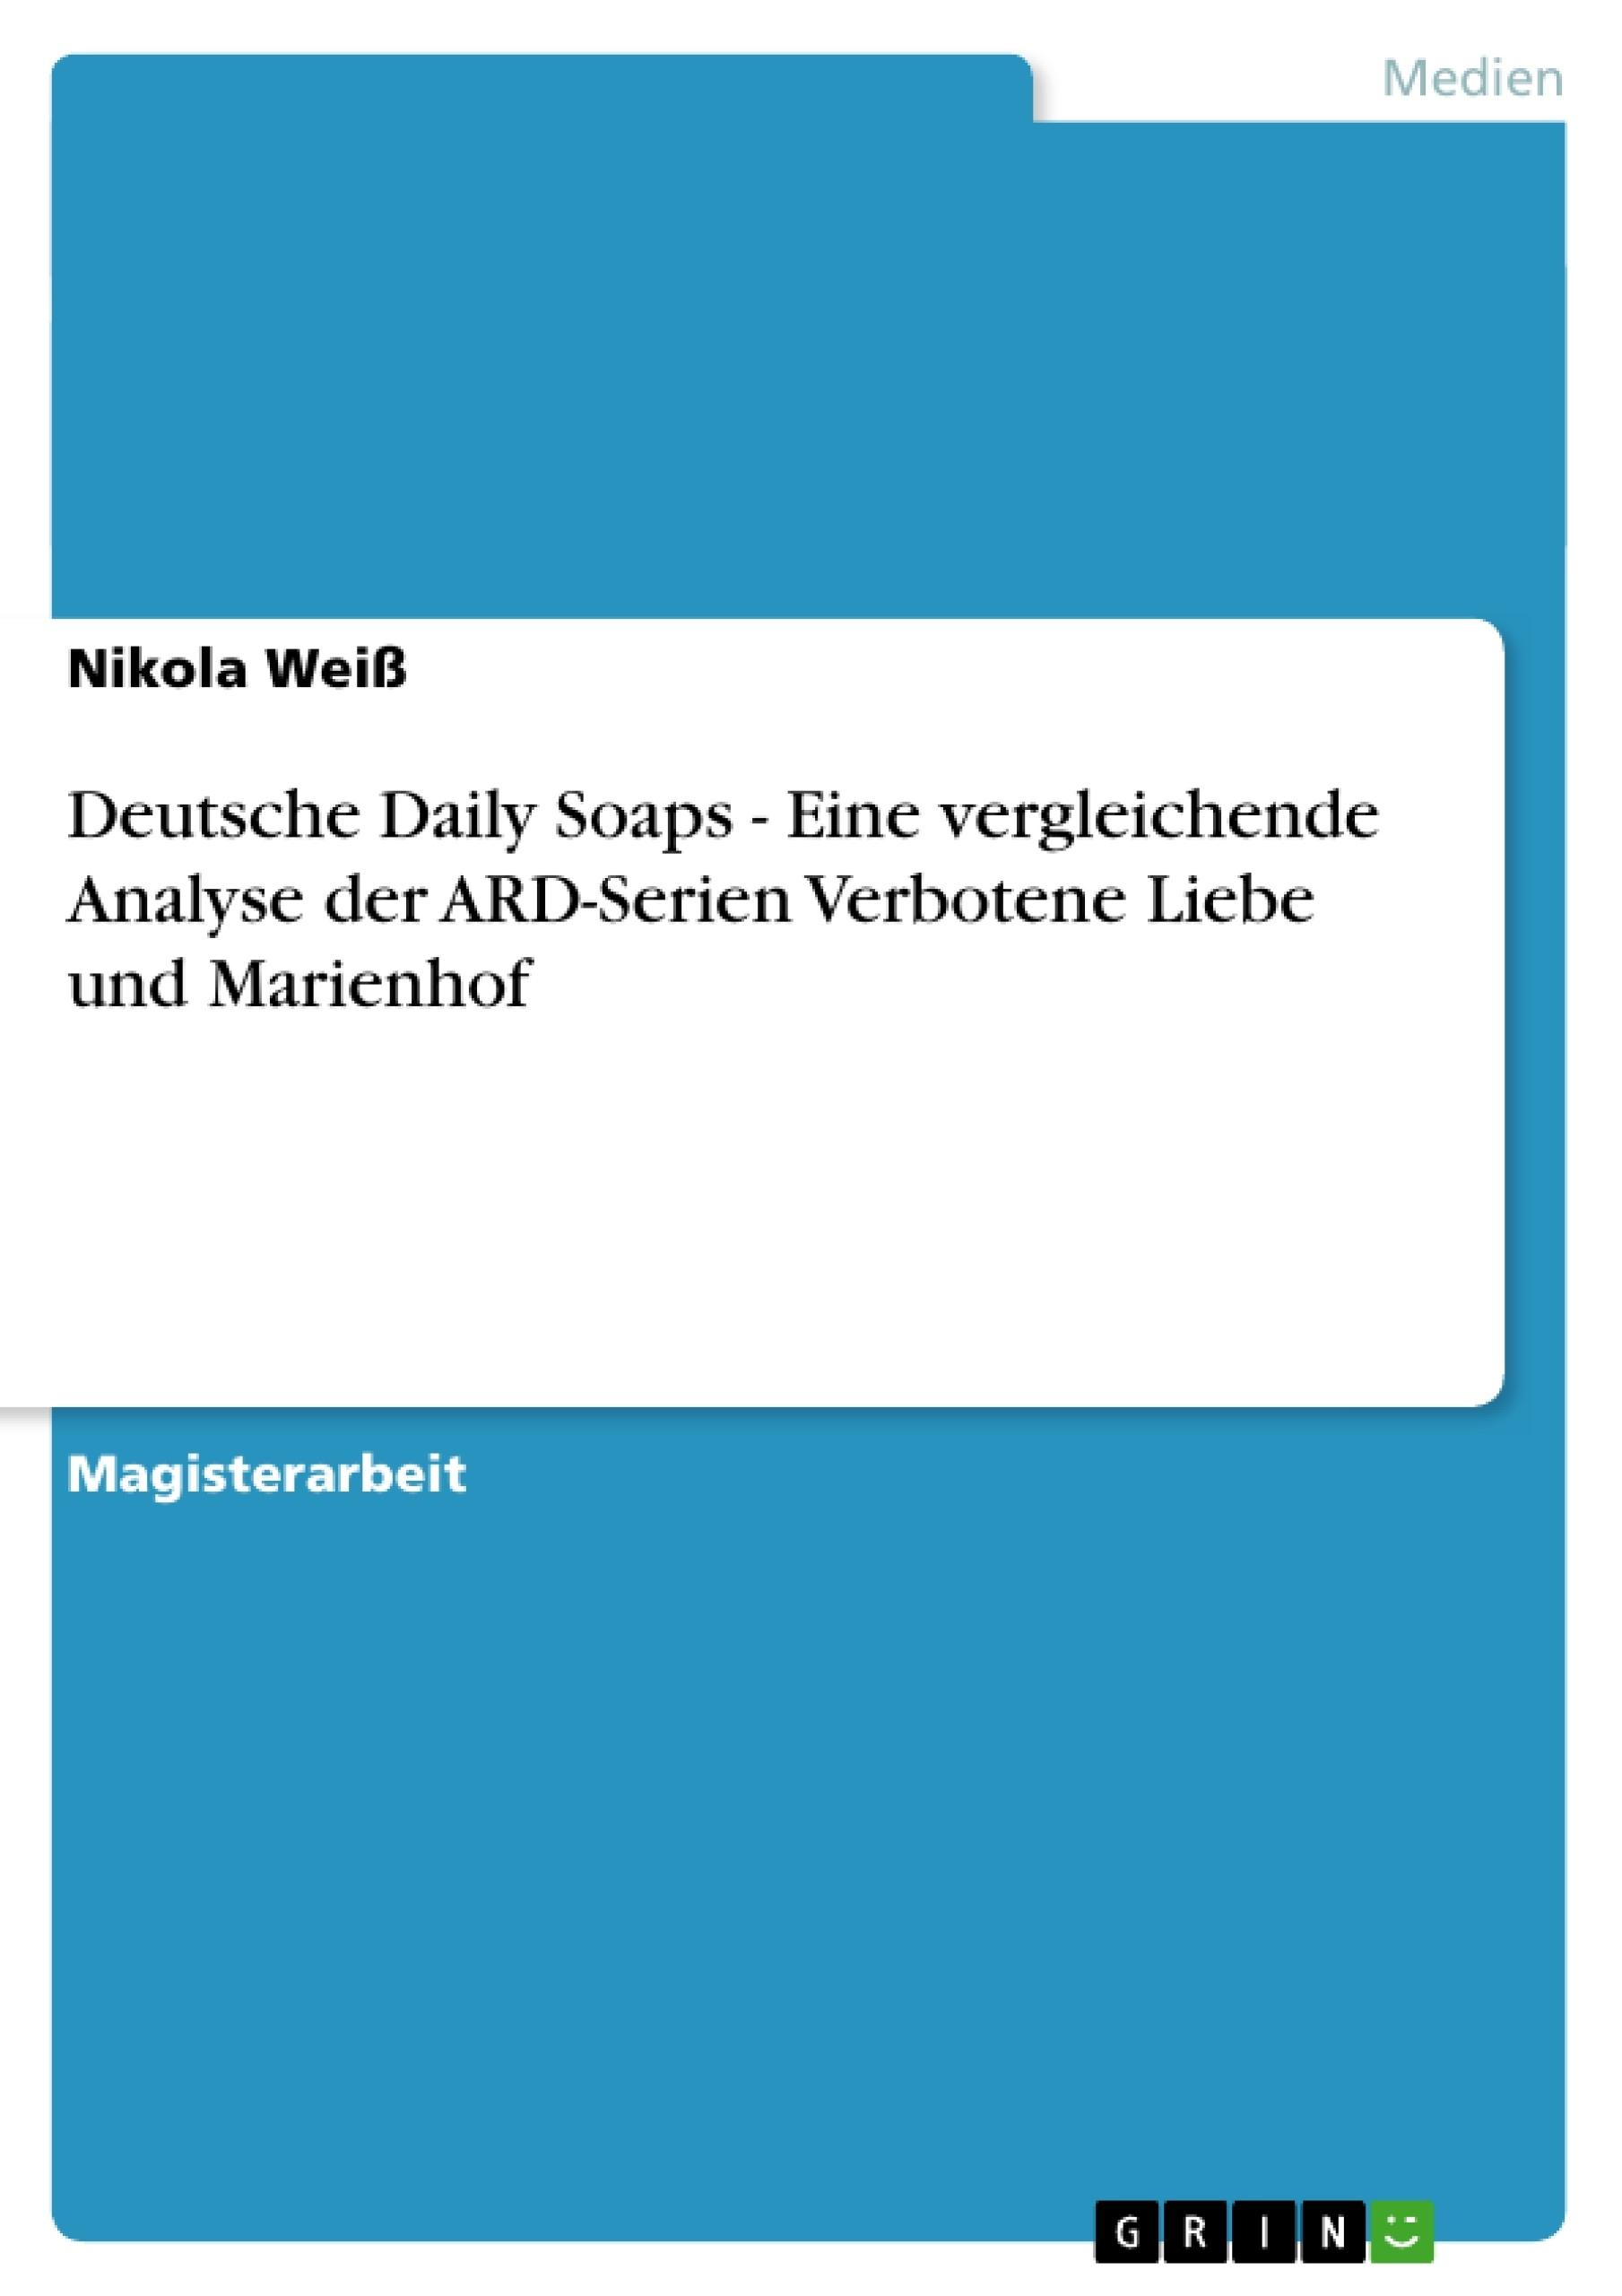 Titel: Deutsche Daily Soaps -  Eine vergleichende Analyse der ARD-Serien Verbotene Liebe und Marienhof